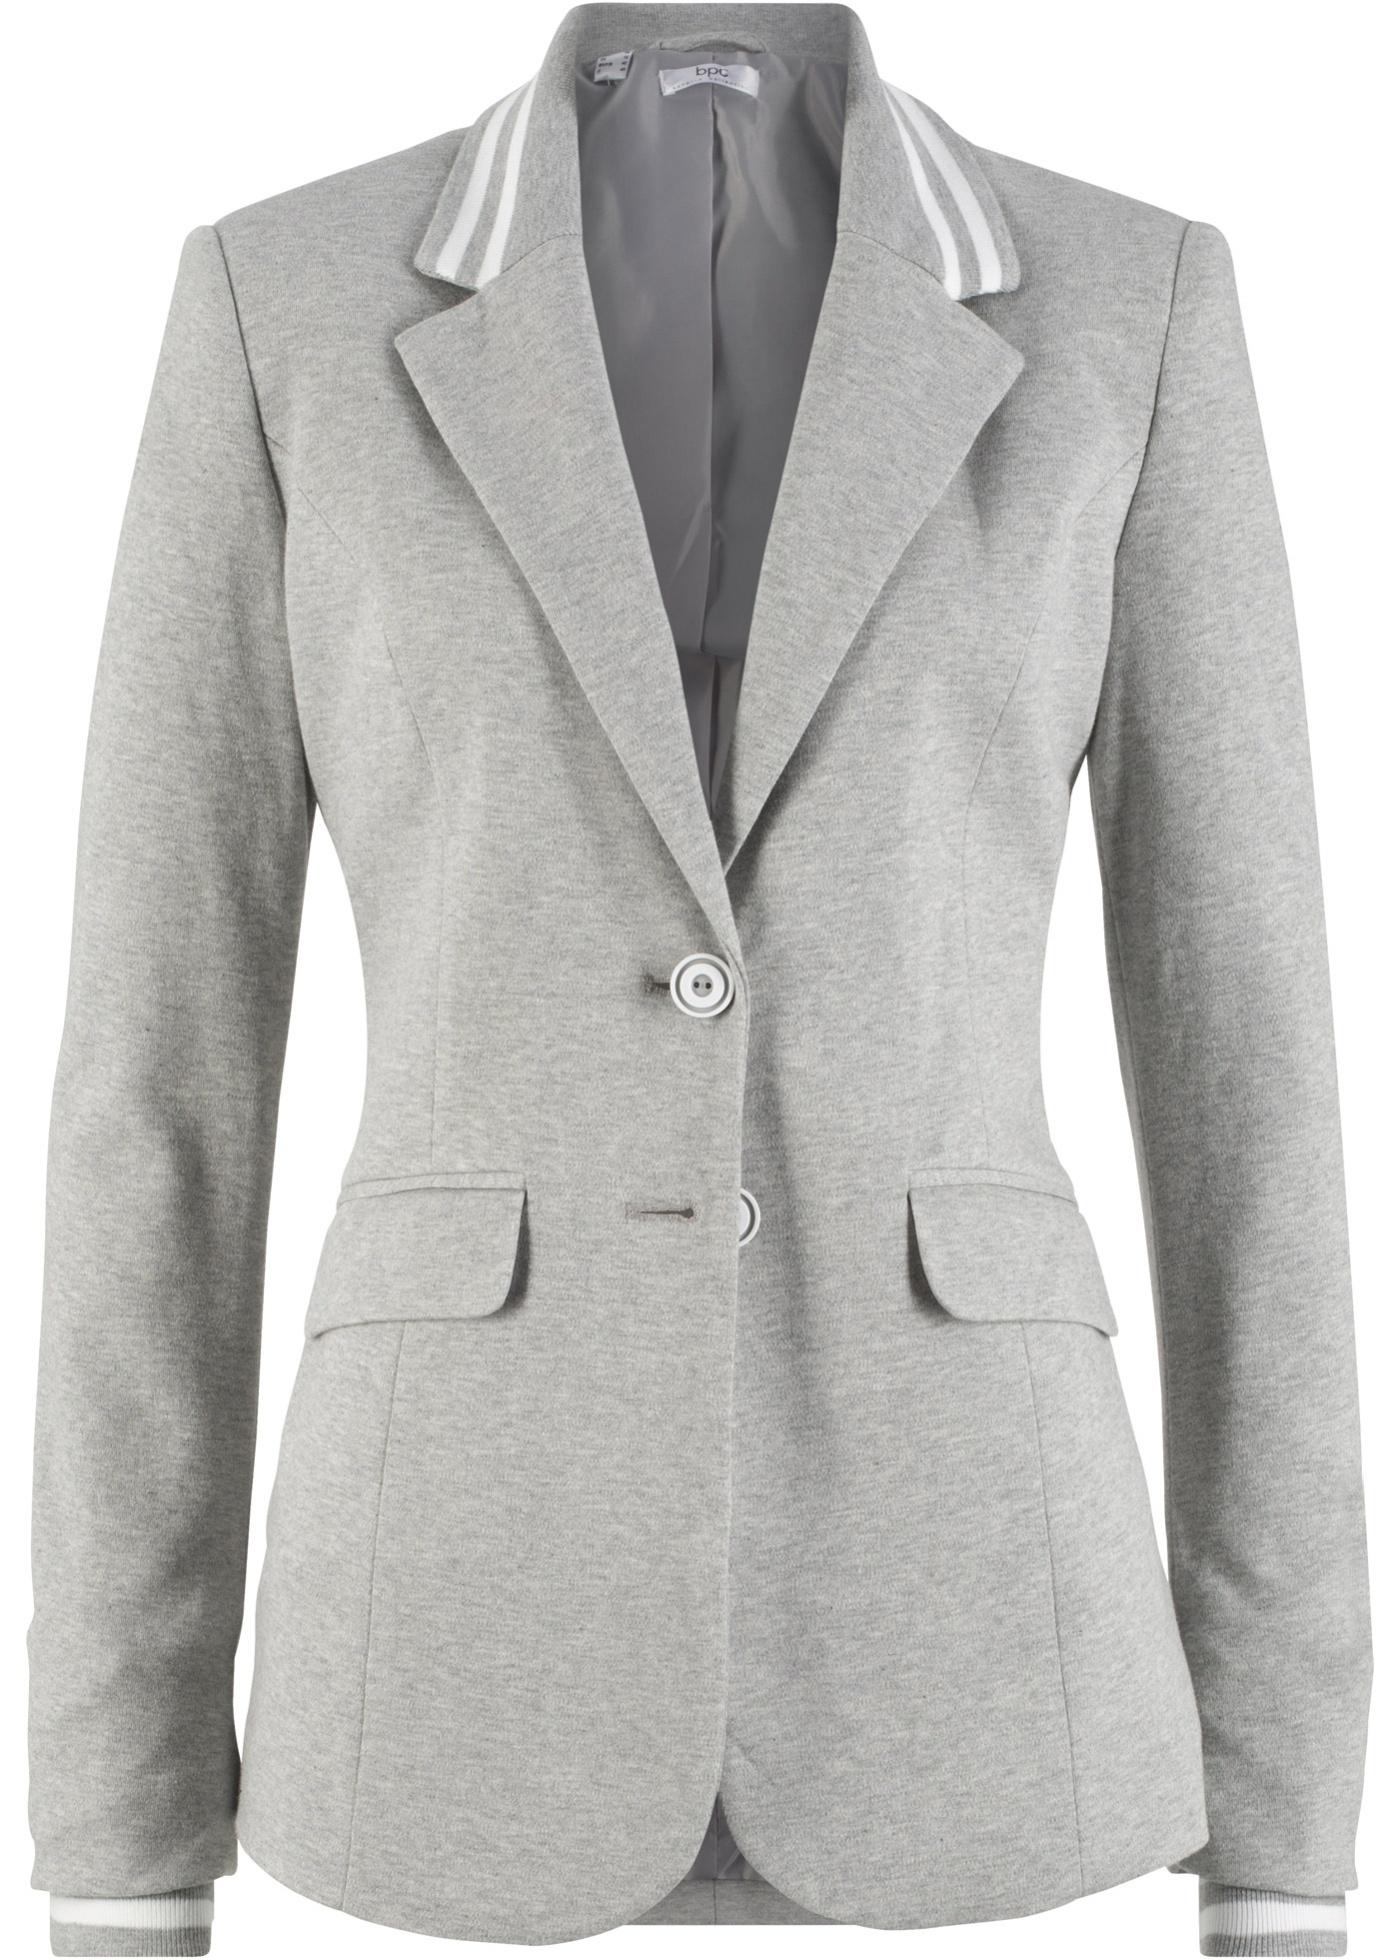 Image of Baumwoll Jersey-Blazer mit gestreiften Details